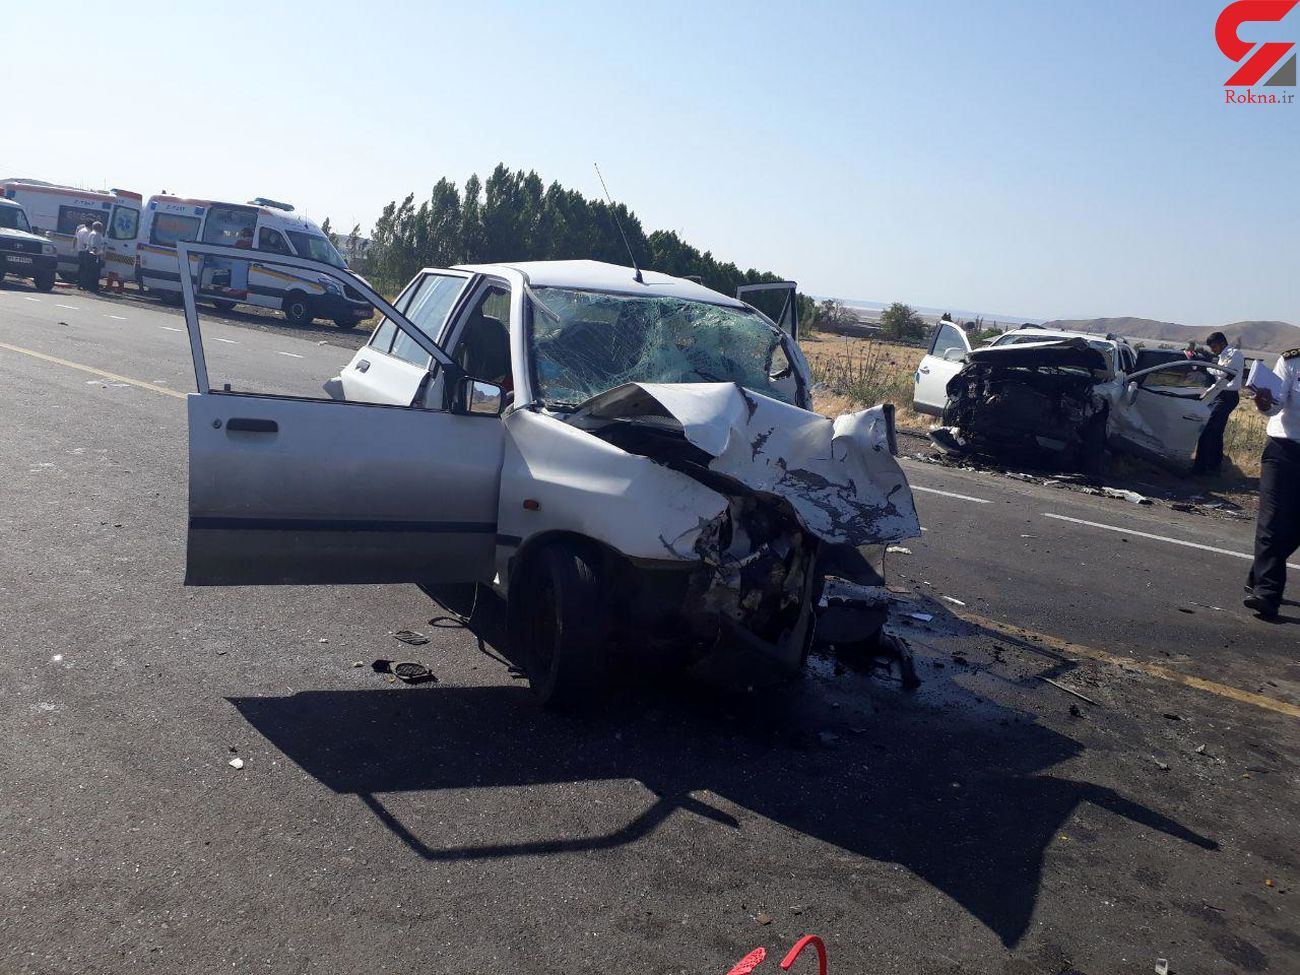 تصادف خونین سراتو و پراید یک کشته و سه مصدوم در اسکو به جا گذاشت + عکس